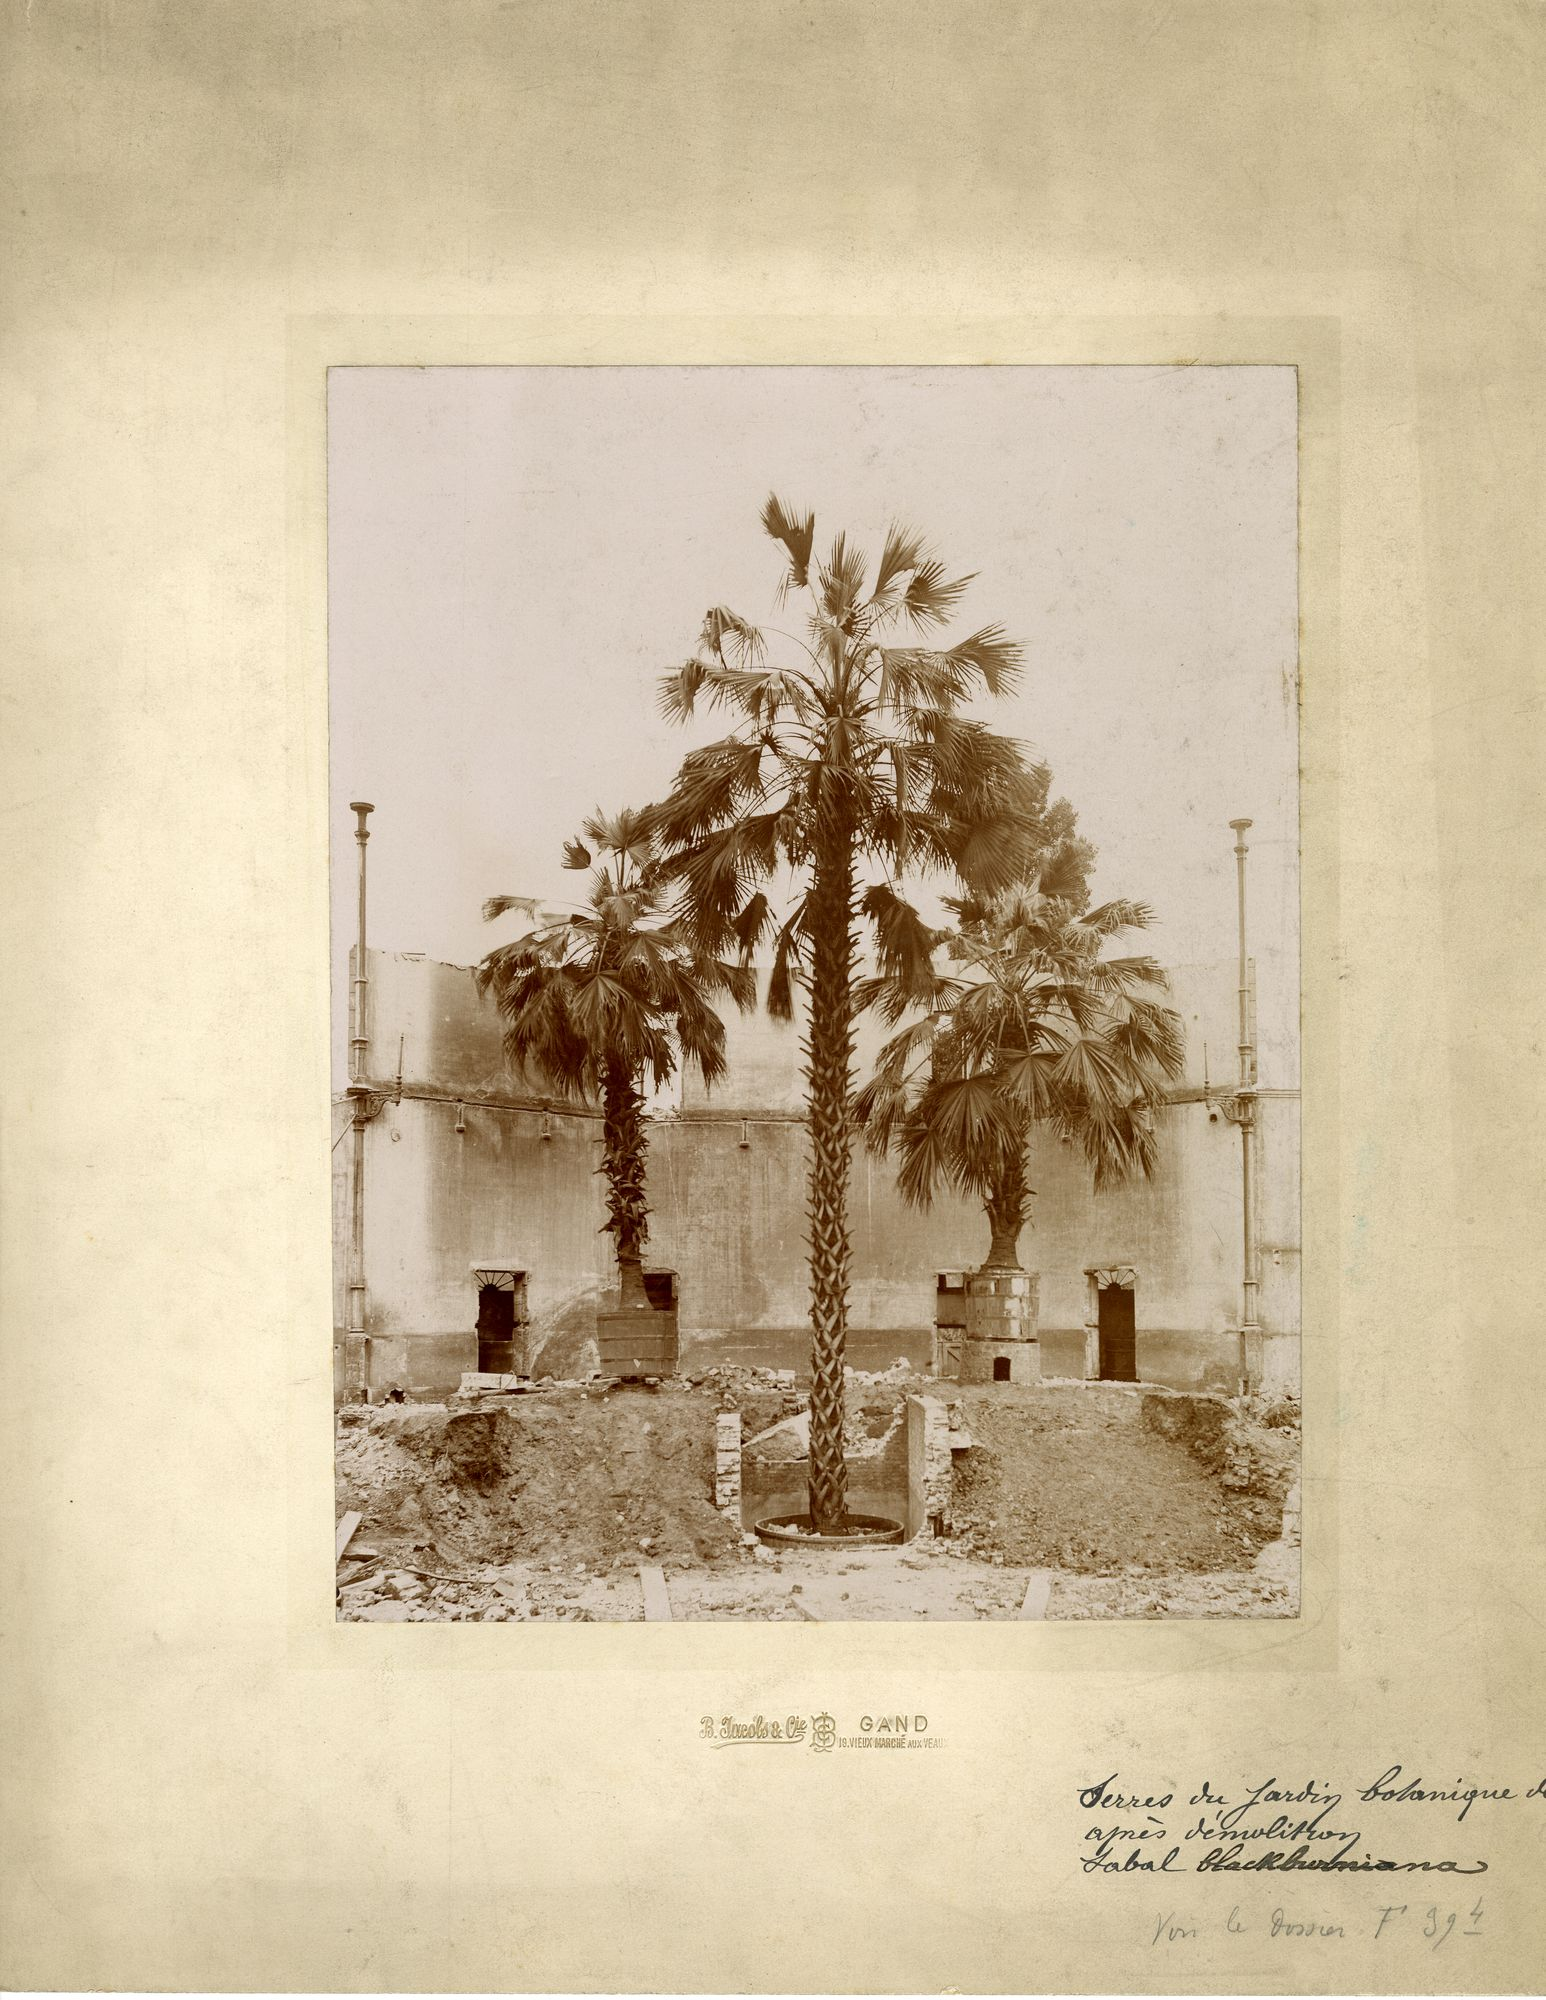 Gent: Baudeloabdij: afbraak van de serres van de plantentuin, met palmen (Sabal Blackburniana) in potten, na 1904